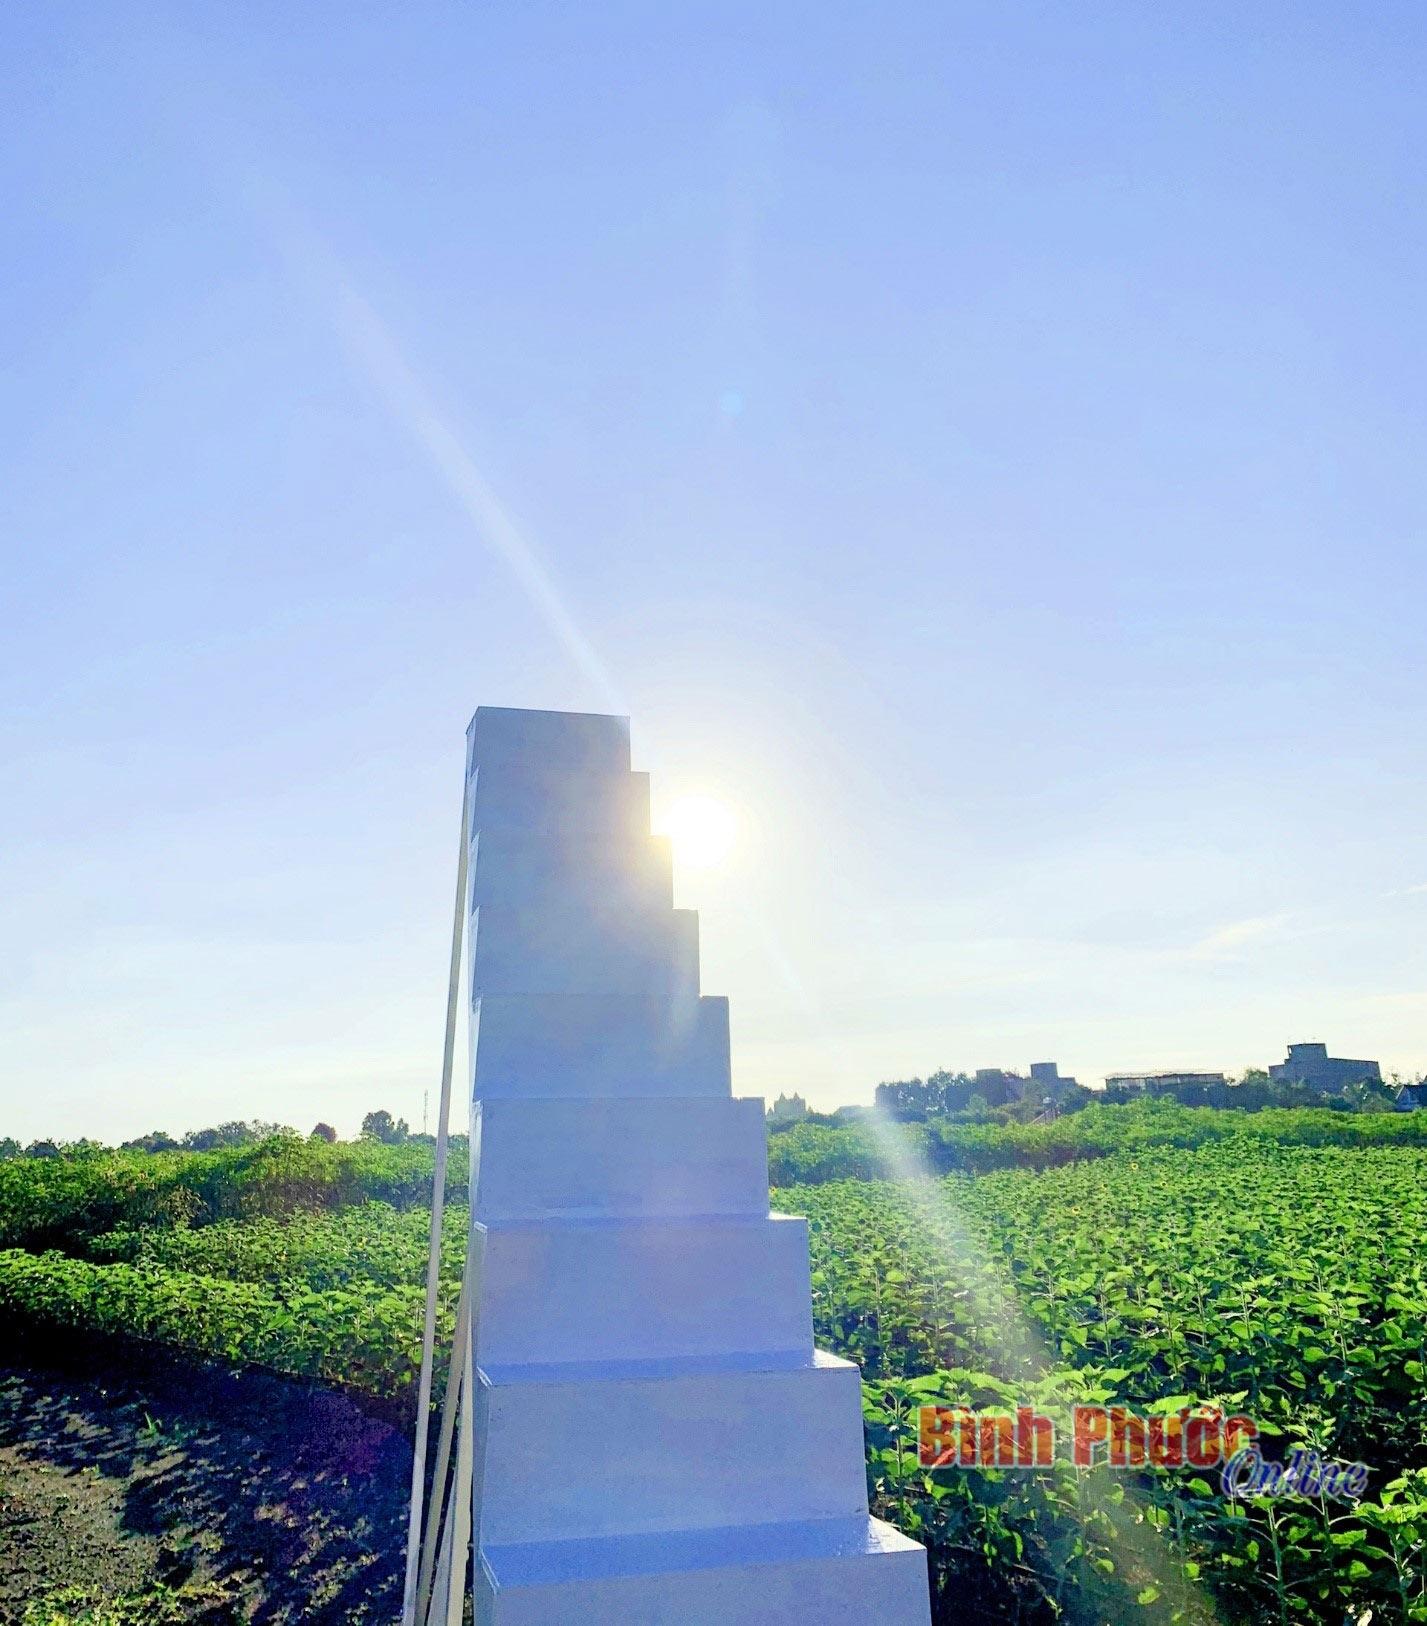 SUNFLOWER FARM: Điểm check in mới của giới trẻ Đồng Xoài